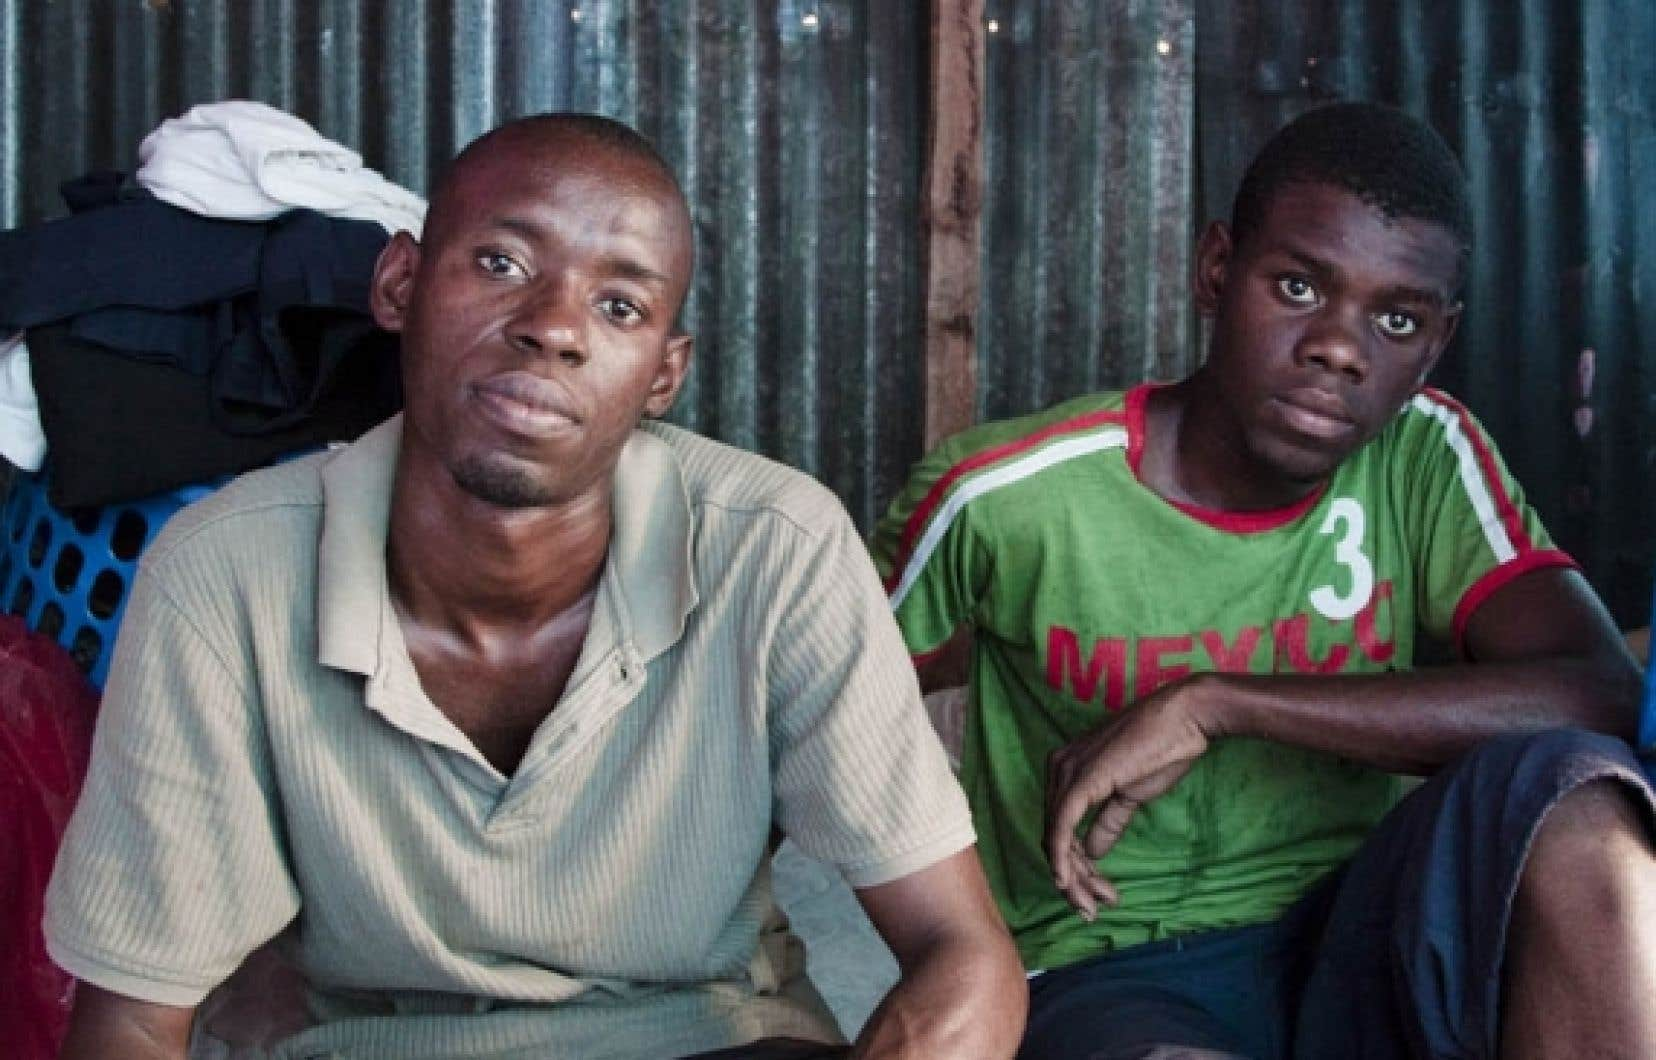 Sous la tente qu'il partage avec son jeune frère, Jean-Marie, Jackson Joseph nourrit l'espoir d'être accepté au département de sociologie de l'Université d'État d'Haïti (UEH), toujours fermé.